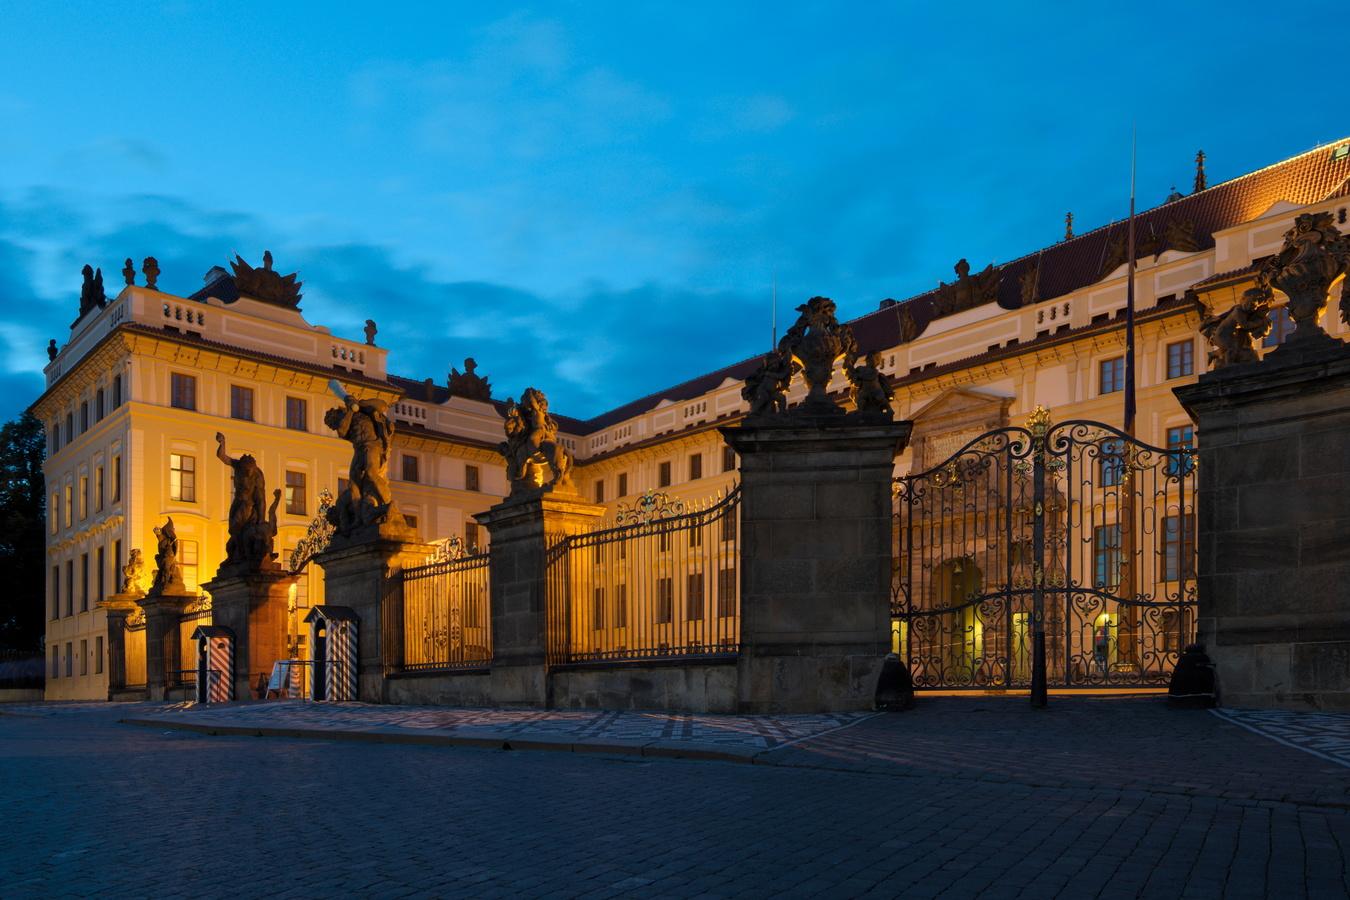 Průčelí Pražského hradu